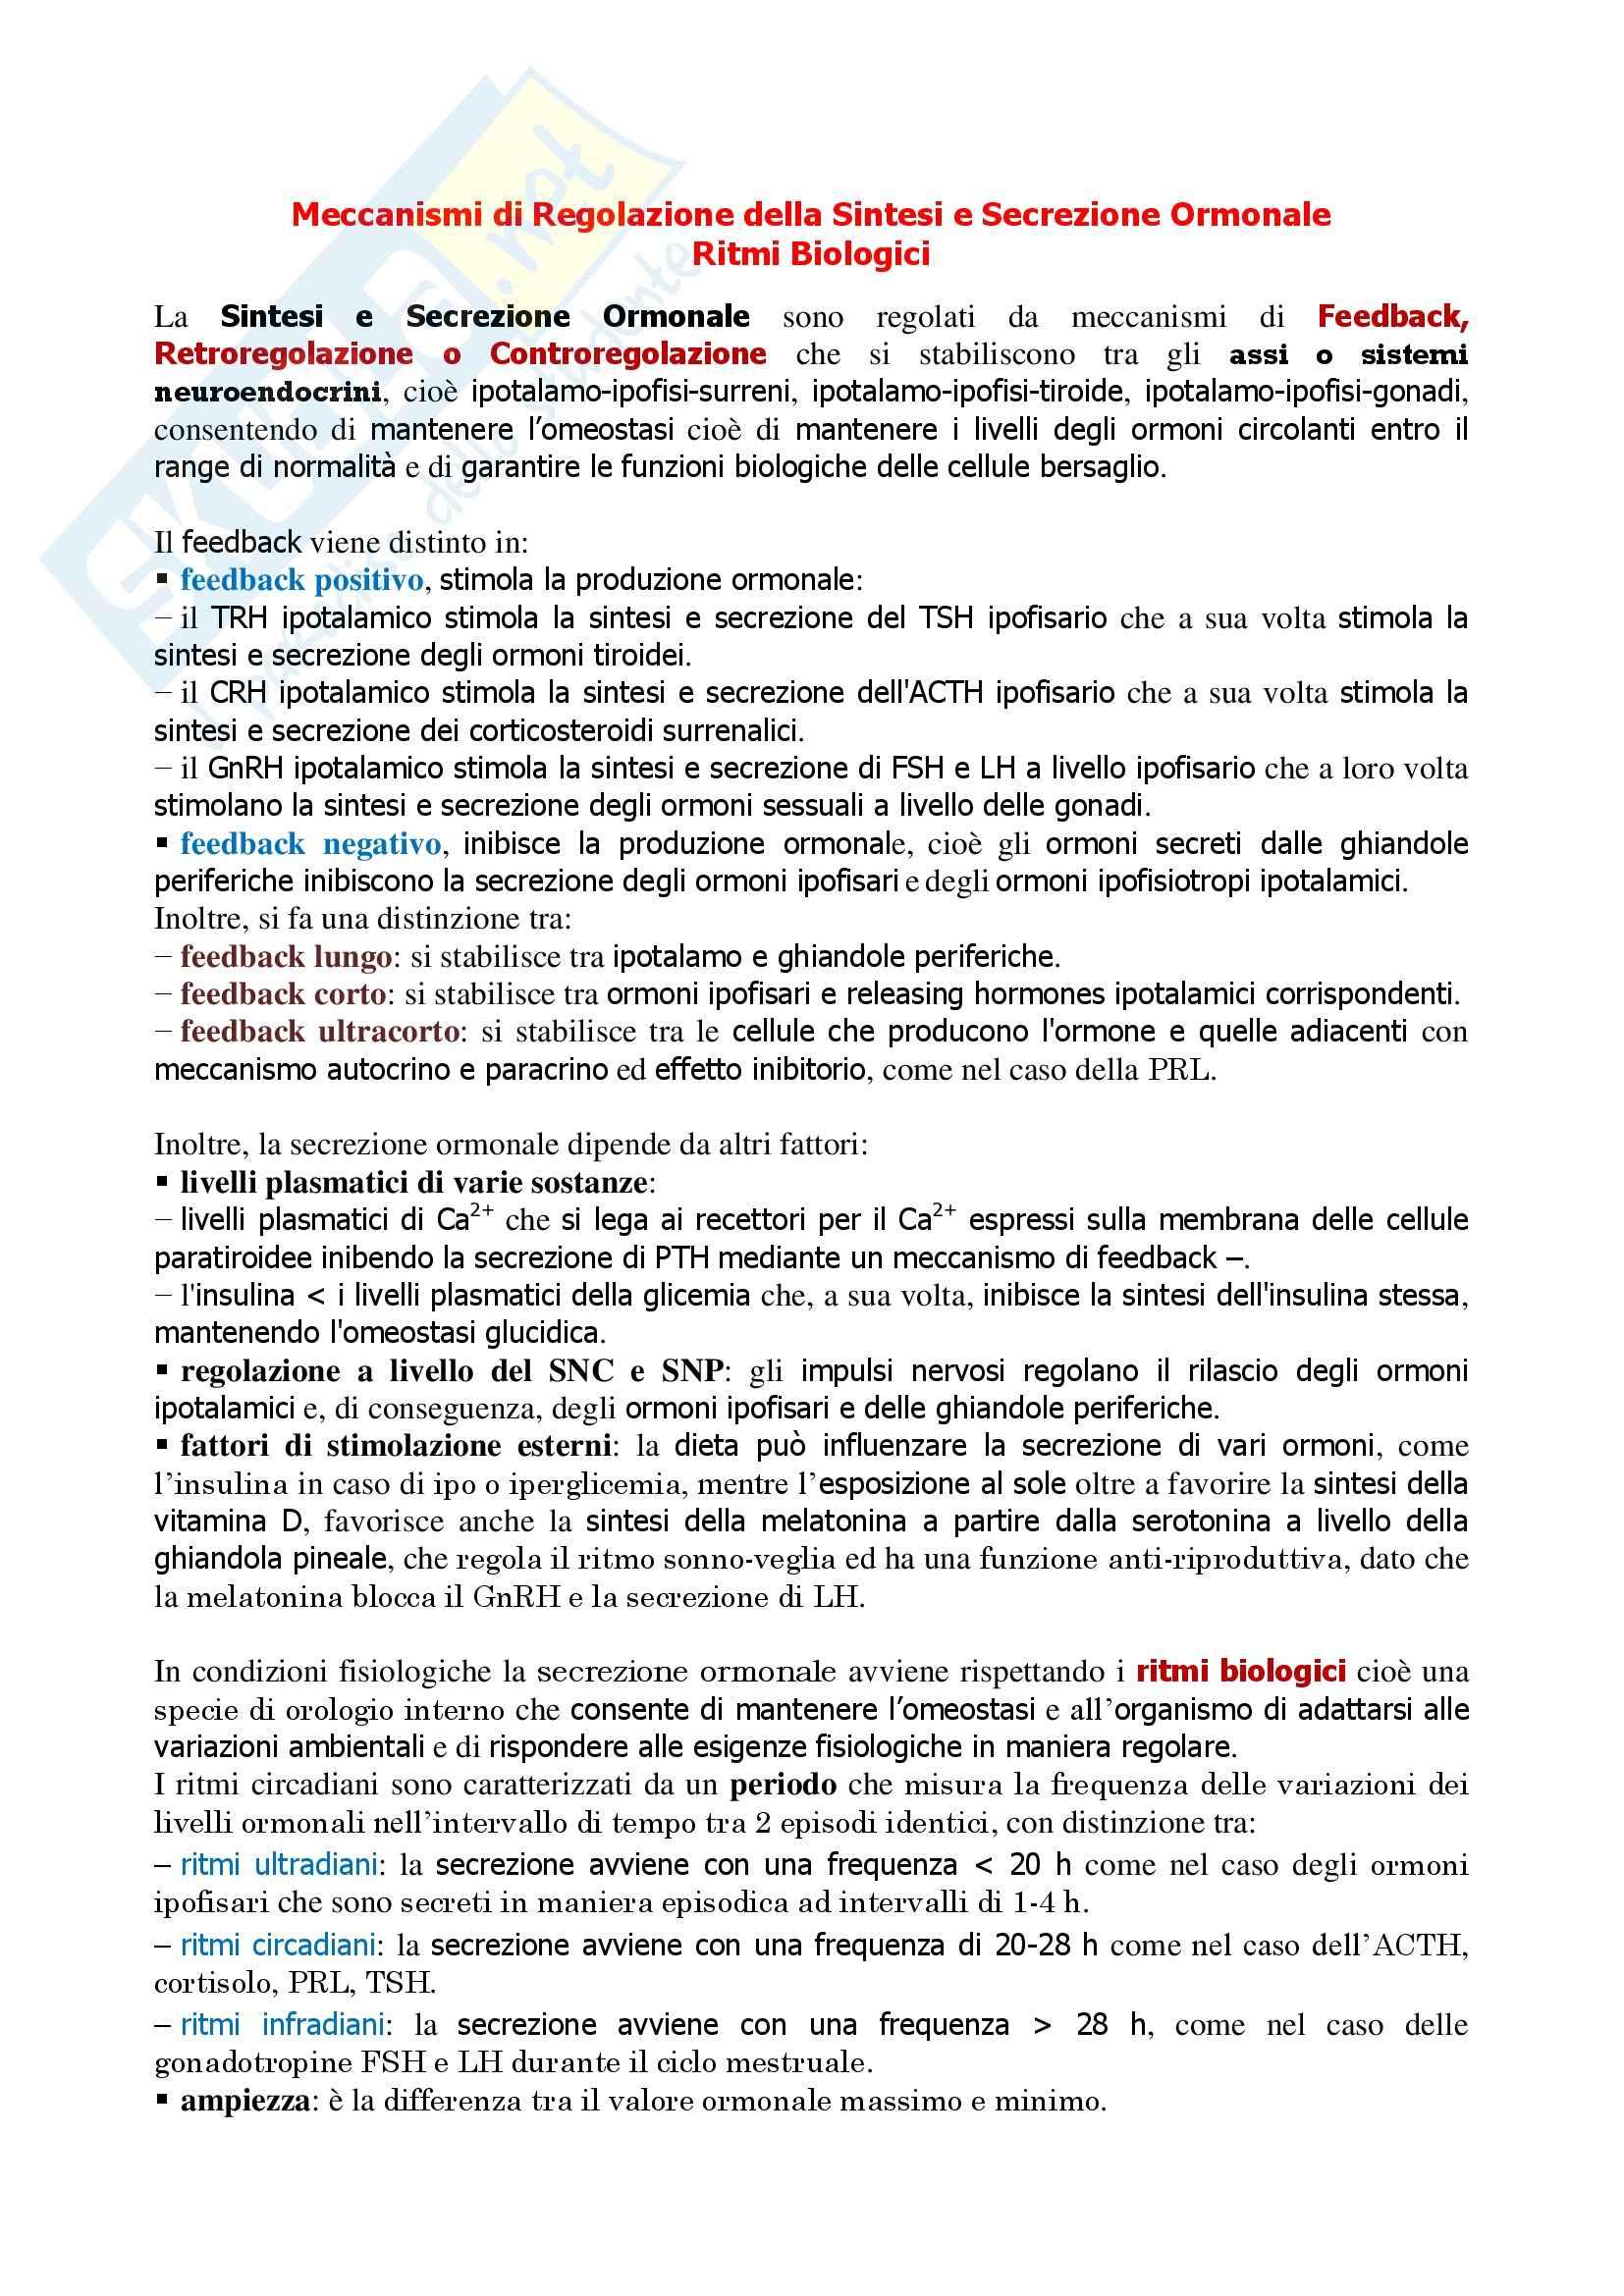 Endocrinologia - meccanismi di regolazione della sintesi e secrezione ormonale